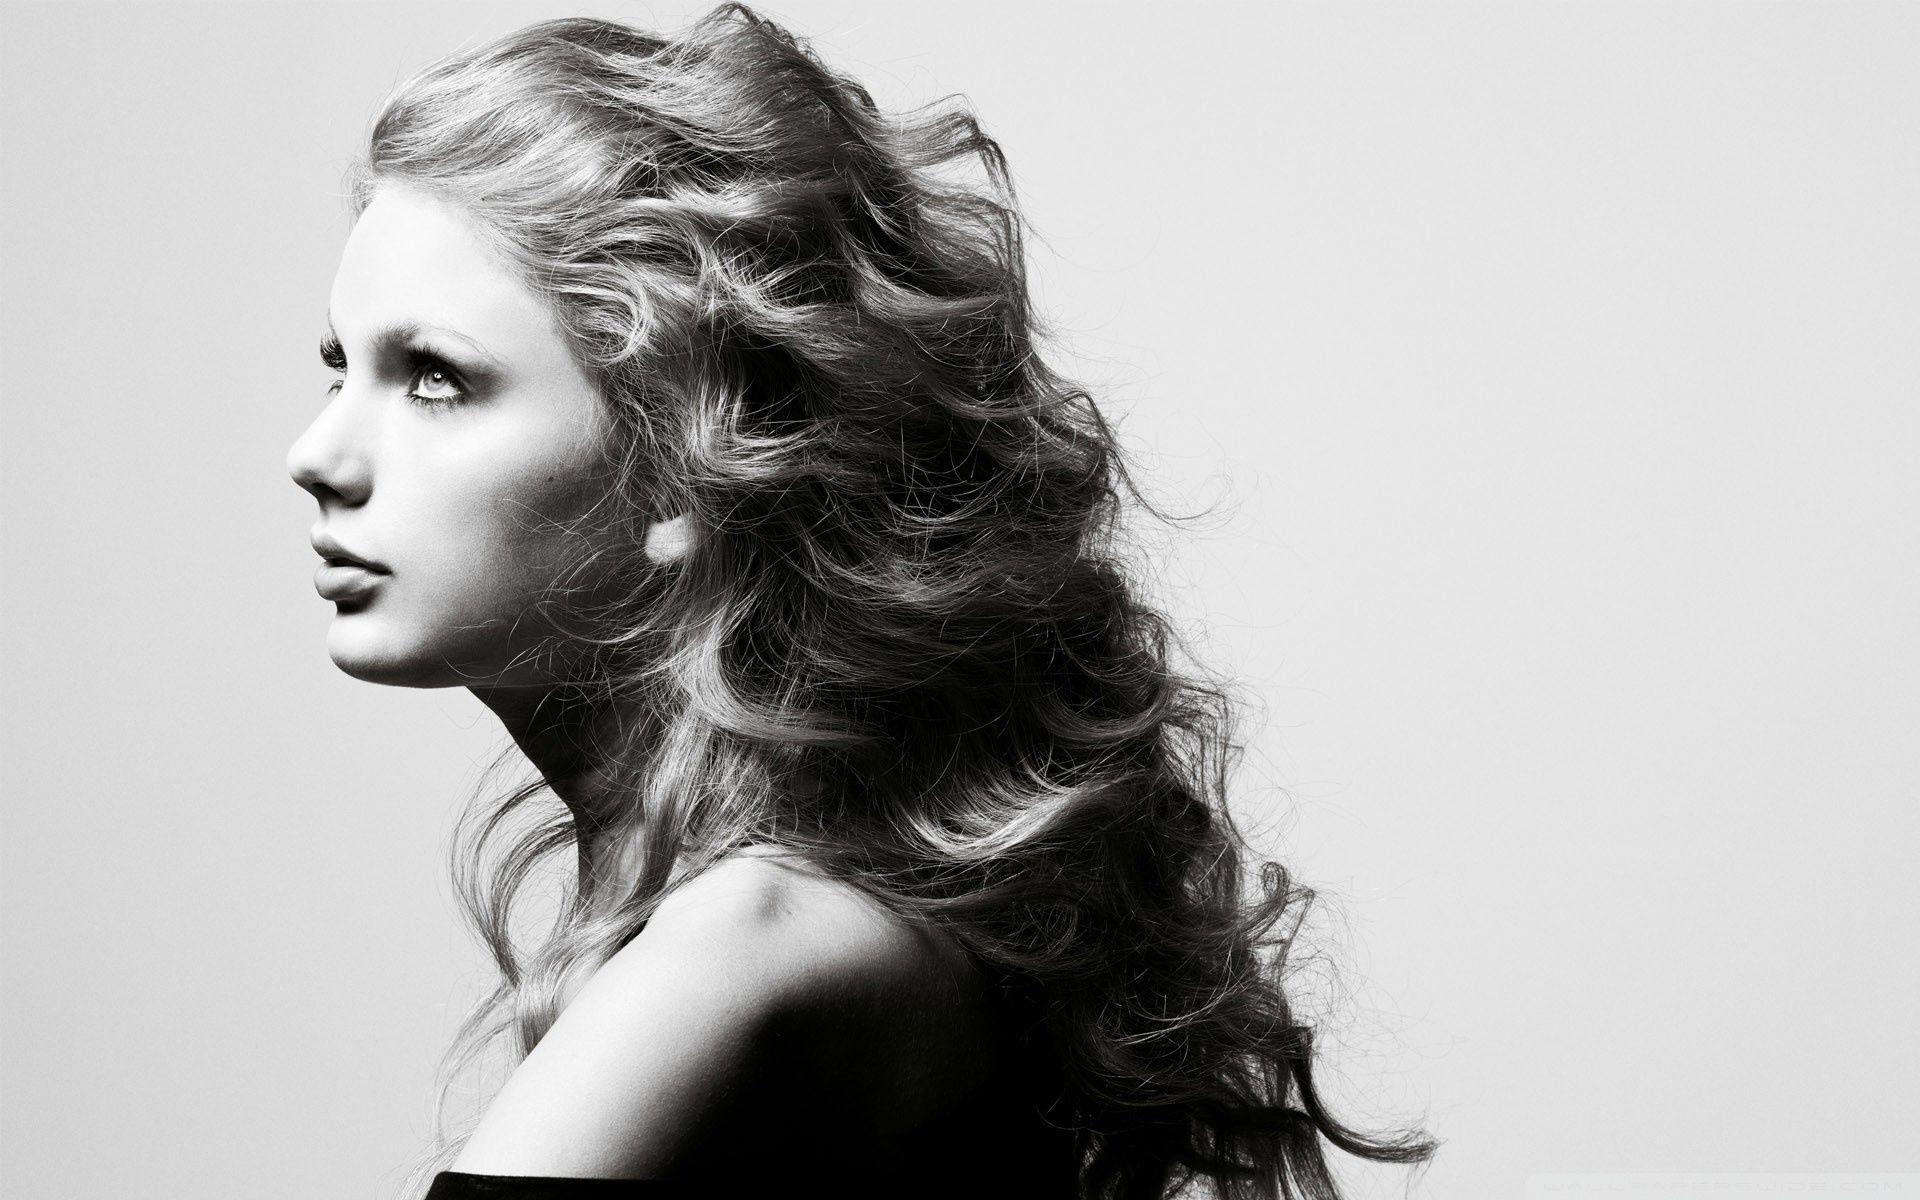 Taylor Swift In Black And White 4k Hd Desktop Wallpaper For 4k Side Portrait Beauty Beauty Videos